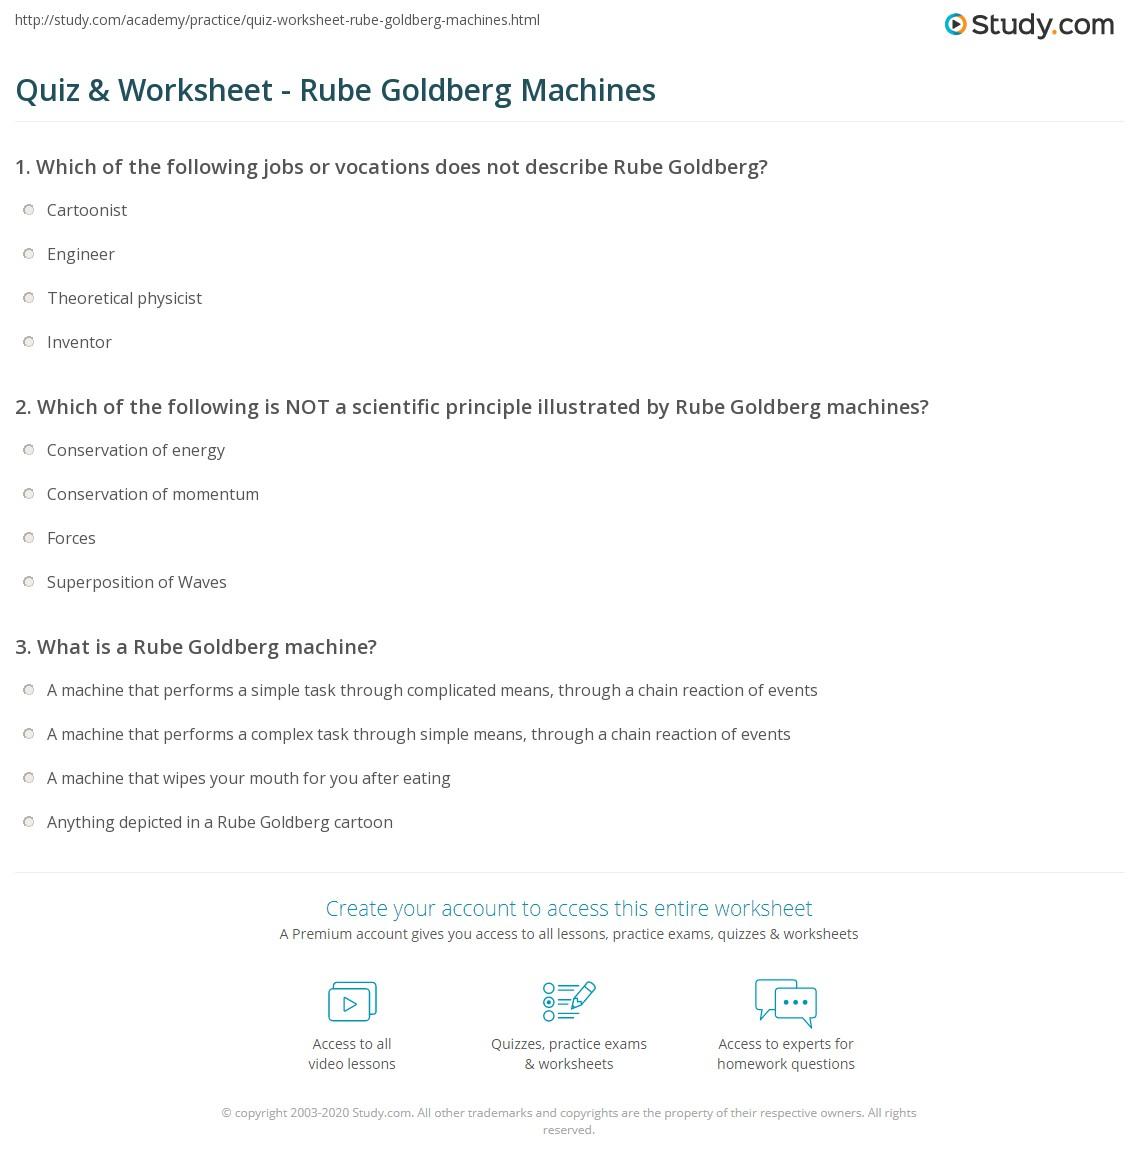 Quiz & Worksheet - Rube Goldberg Machines   Study.com